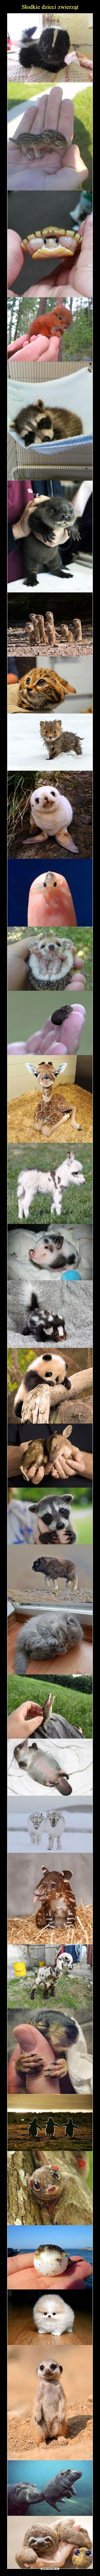 Słodkie dzieci zwierząt